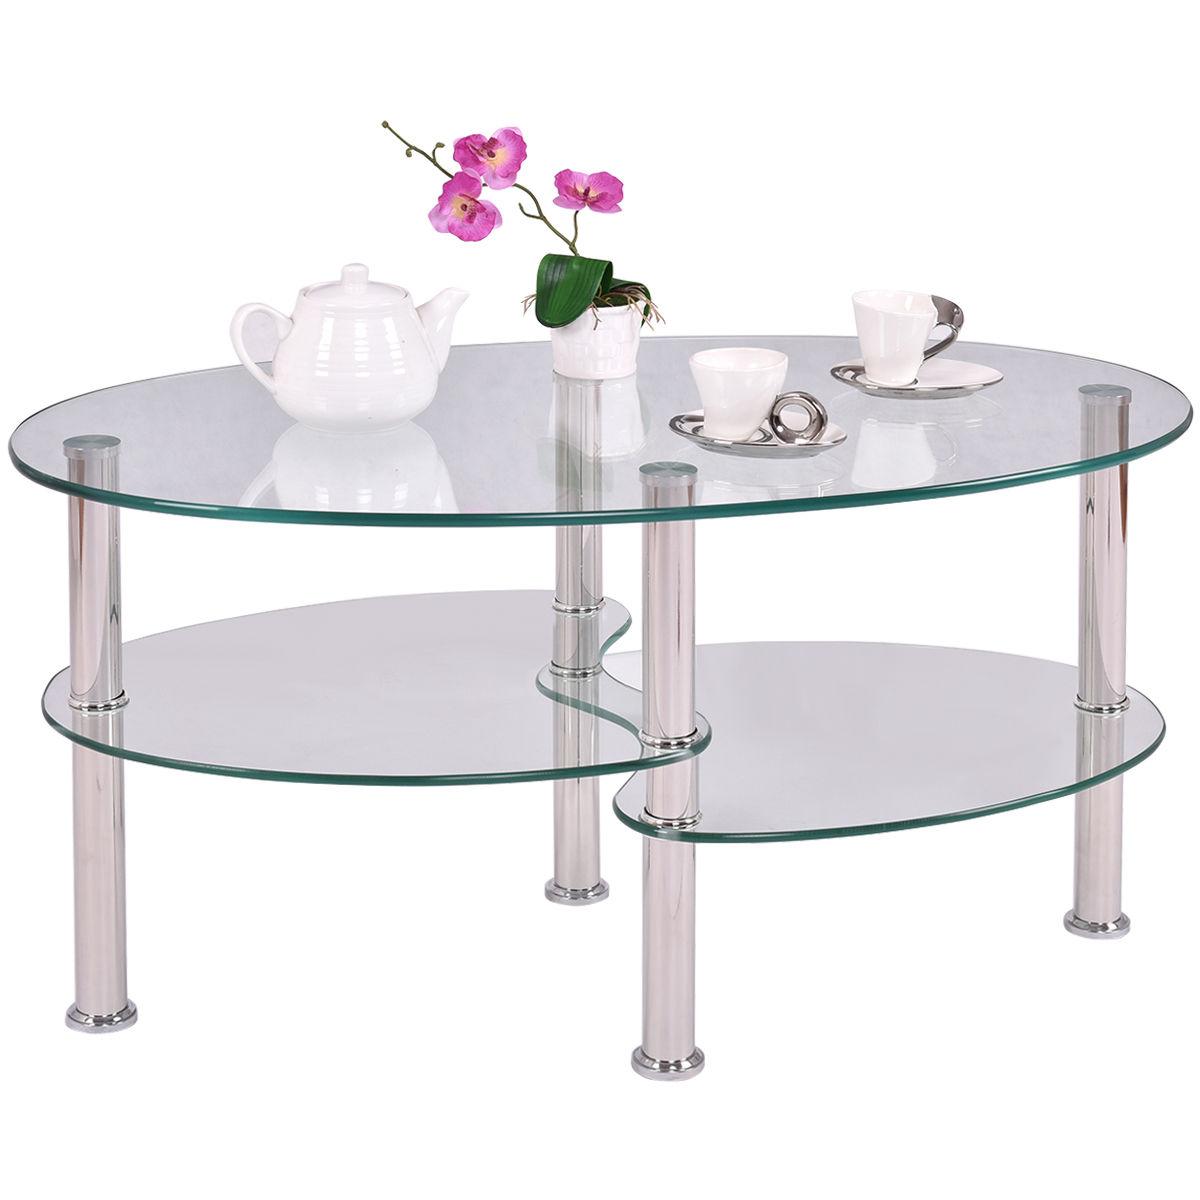 Oval Glass Coffee Table 3 Piece Set Furniture Home Decor: Black Glass Oval Coffee Table Side Shelf Chrome Base